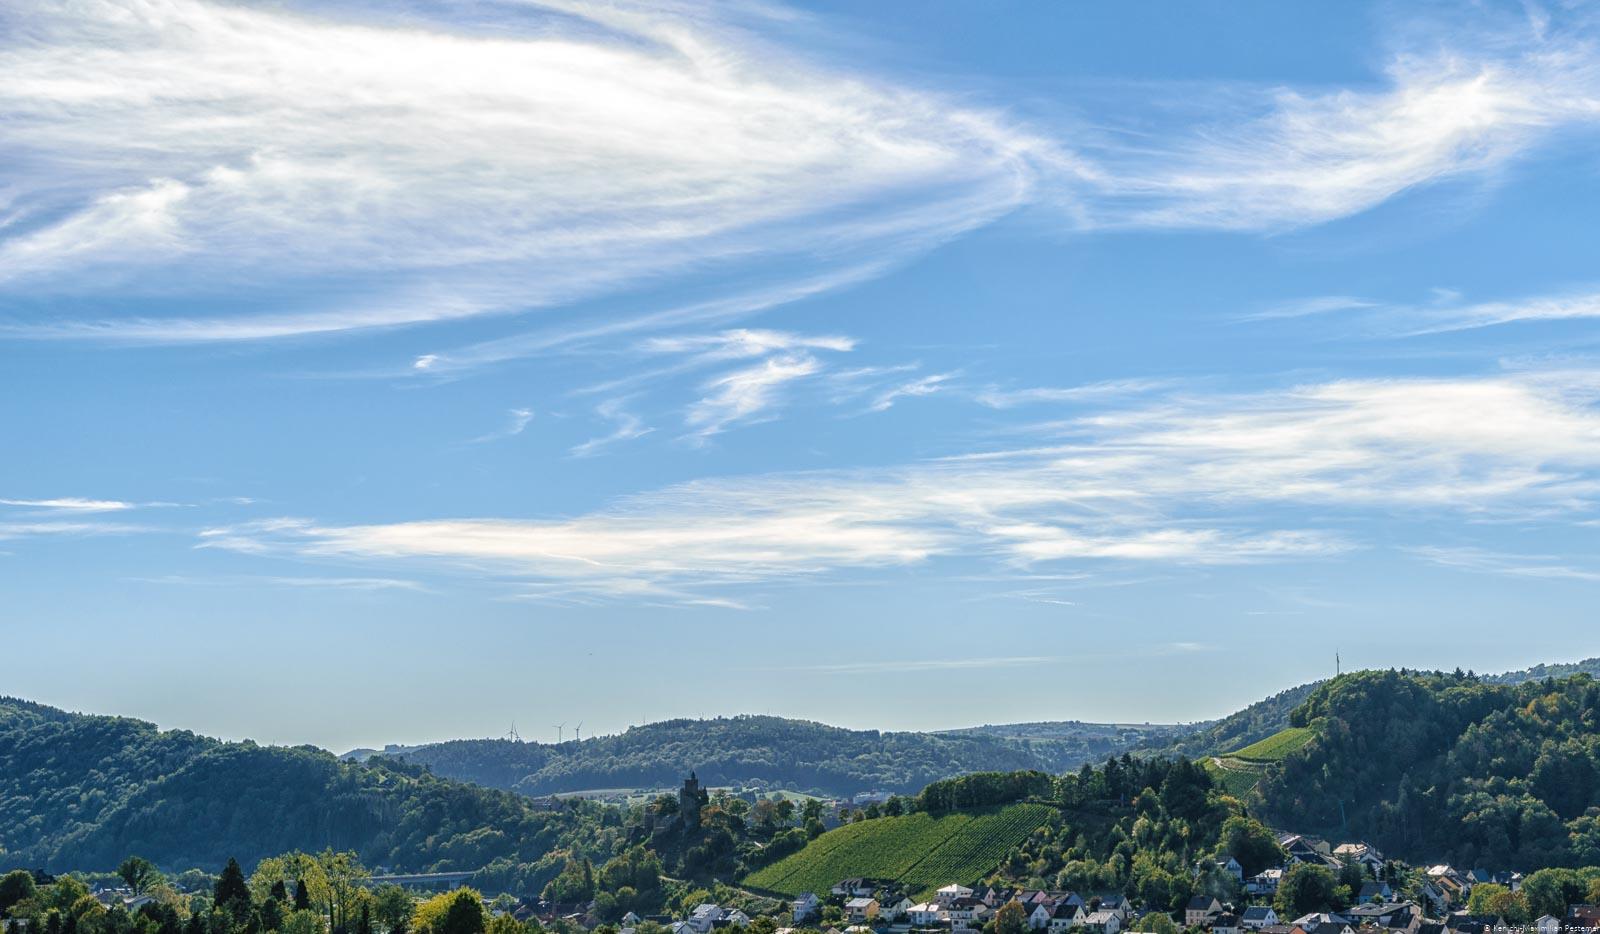 Aussicht auf den Ort Saarburg, den Fluss und die Weinberge. Man erkennt rechts den Ort Niederleuken. In der Mitte erkennt man die Saarburg und den Weinberg Saarburger Schlossberg daneben. Im Hintergrund sind bewaldete Hügel. Am blauem Himmel fliegen einige weiße Wolken.